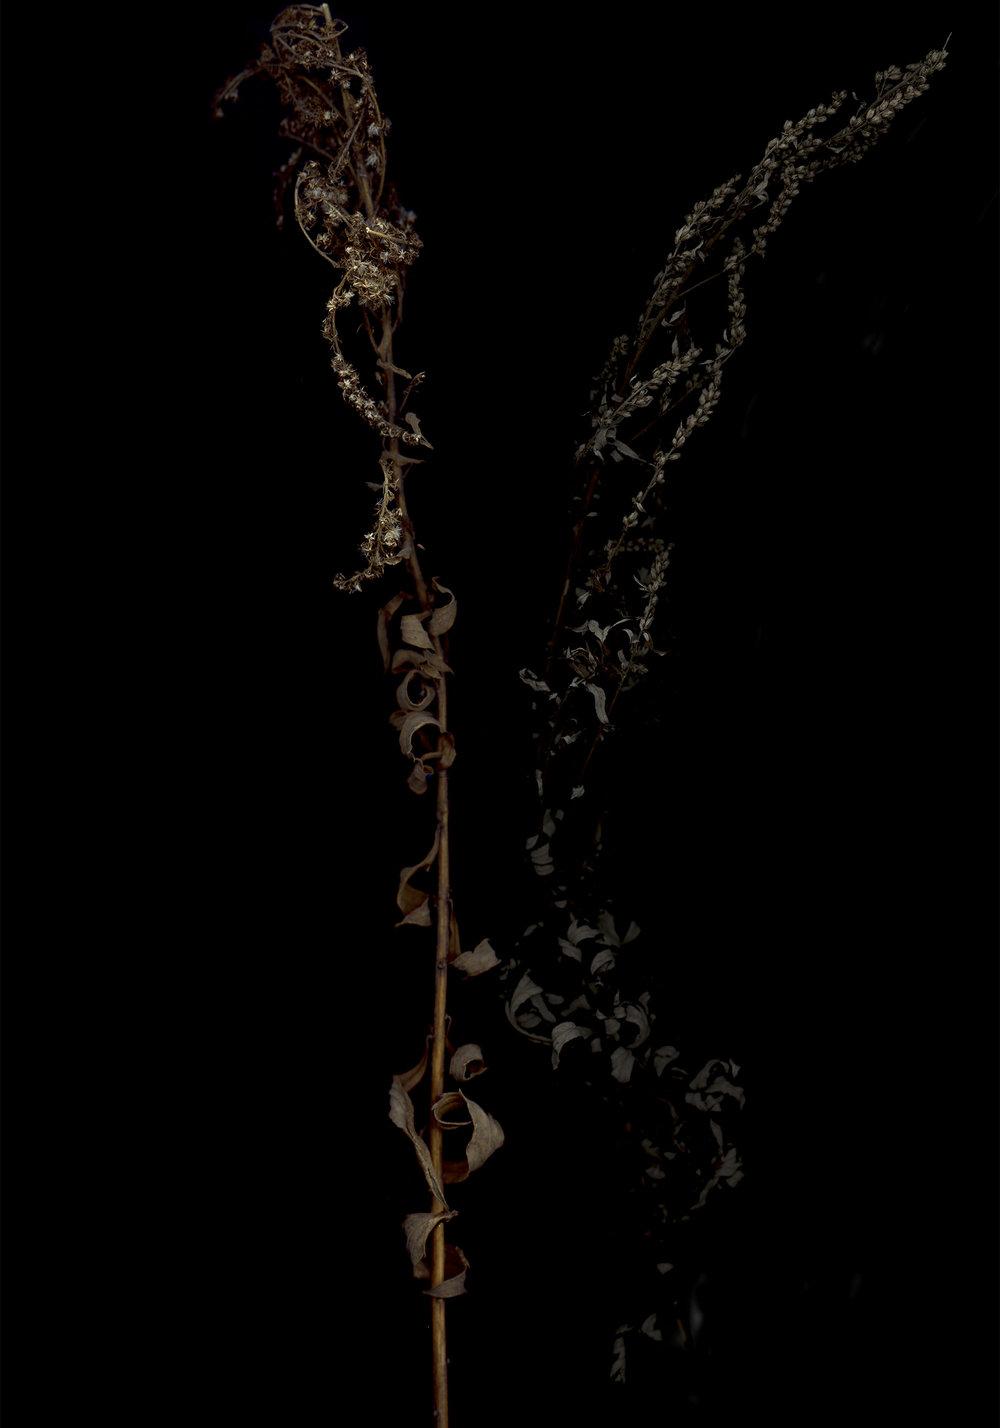 anna-skladmann-der-schwerbelastungskoerper-lunar_black_pair_tp_rt_000-ward.jpg